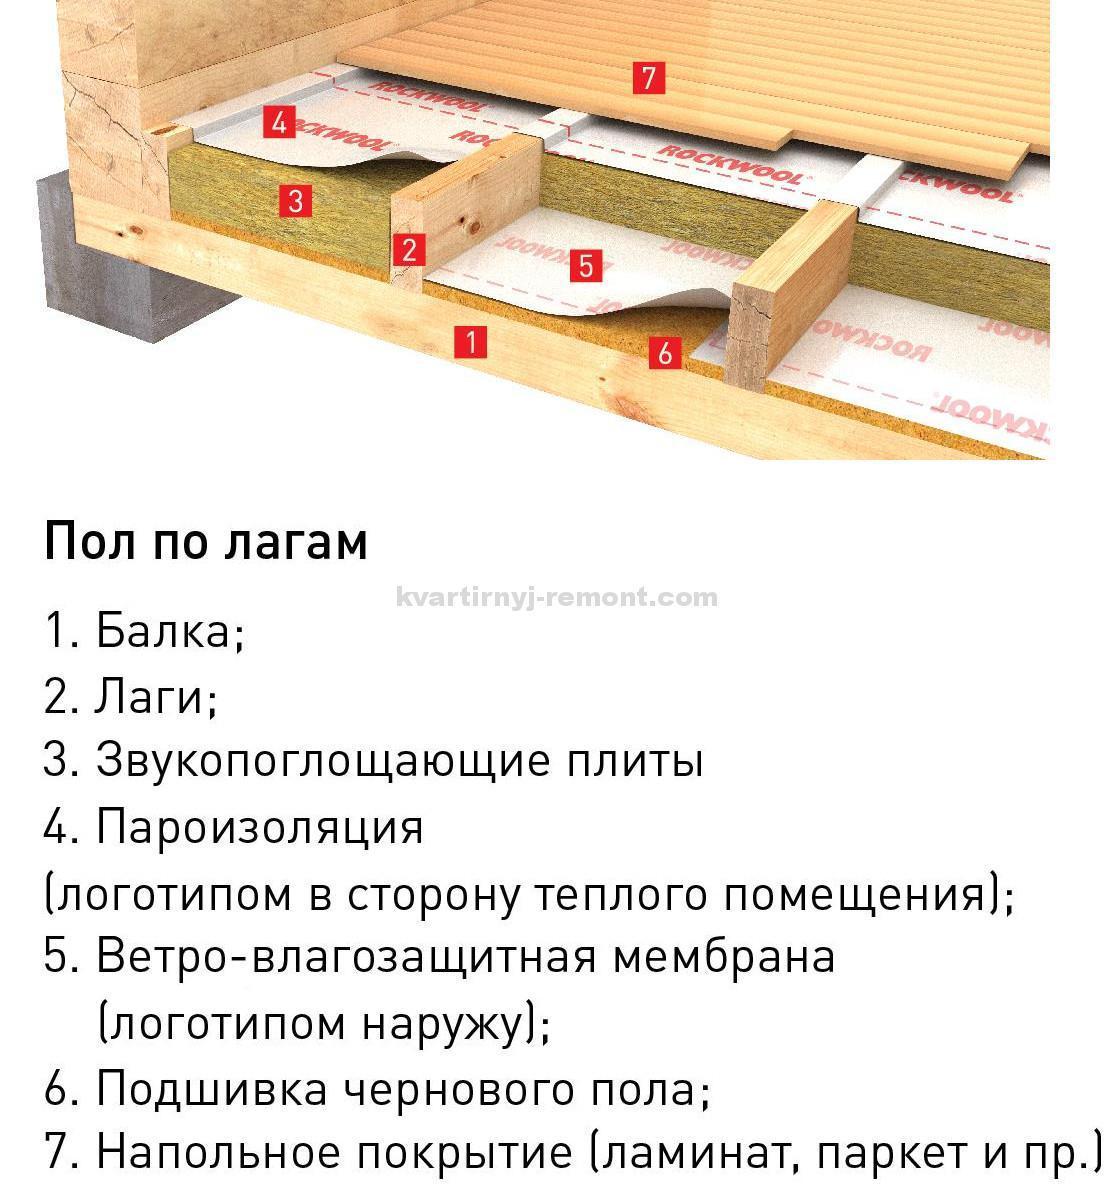 Утепление пола по лагам своими руками в деревянном доме